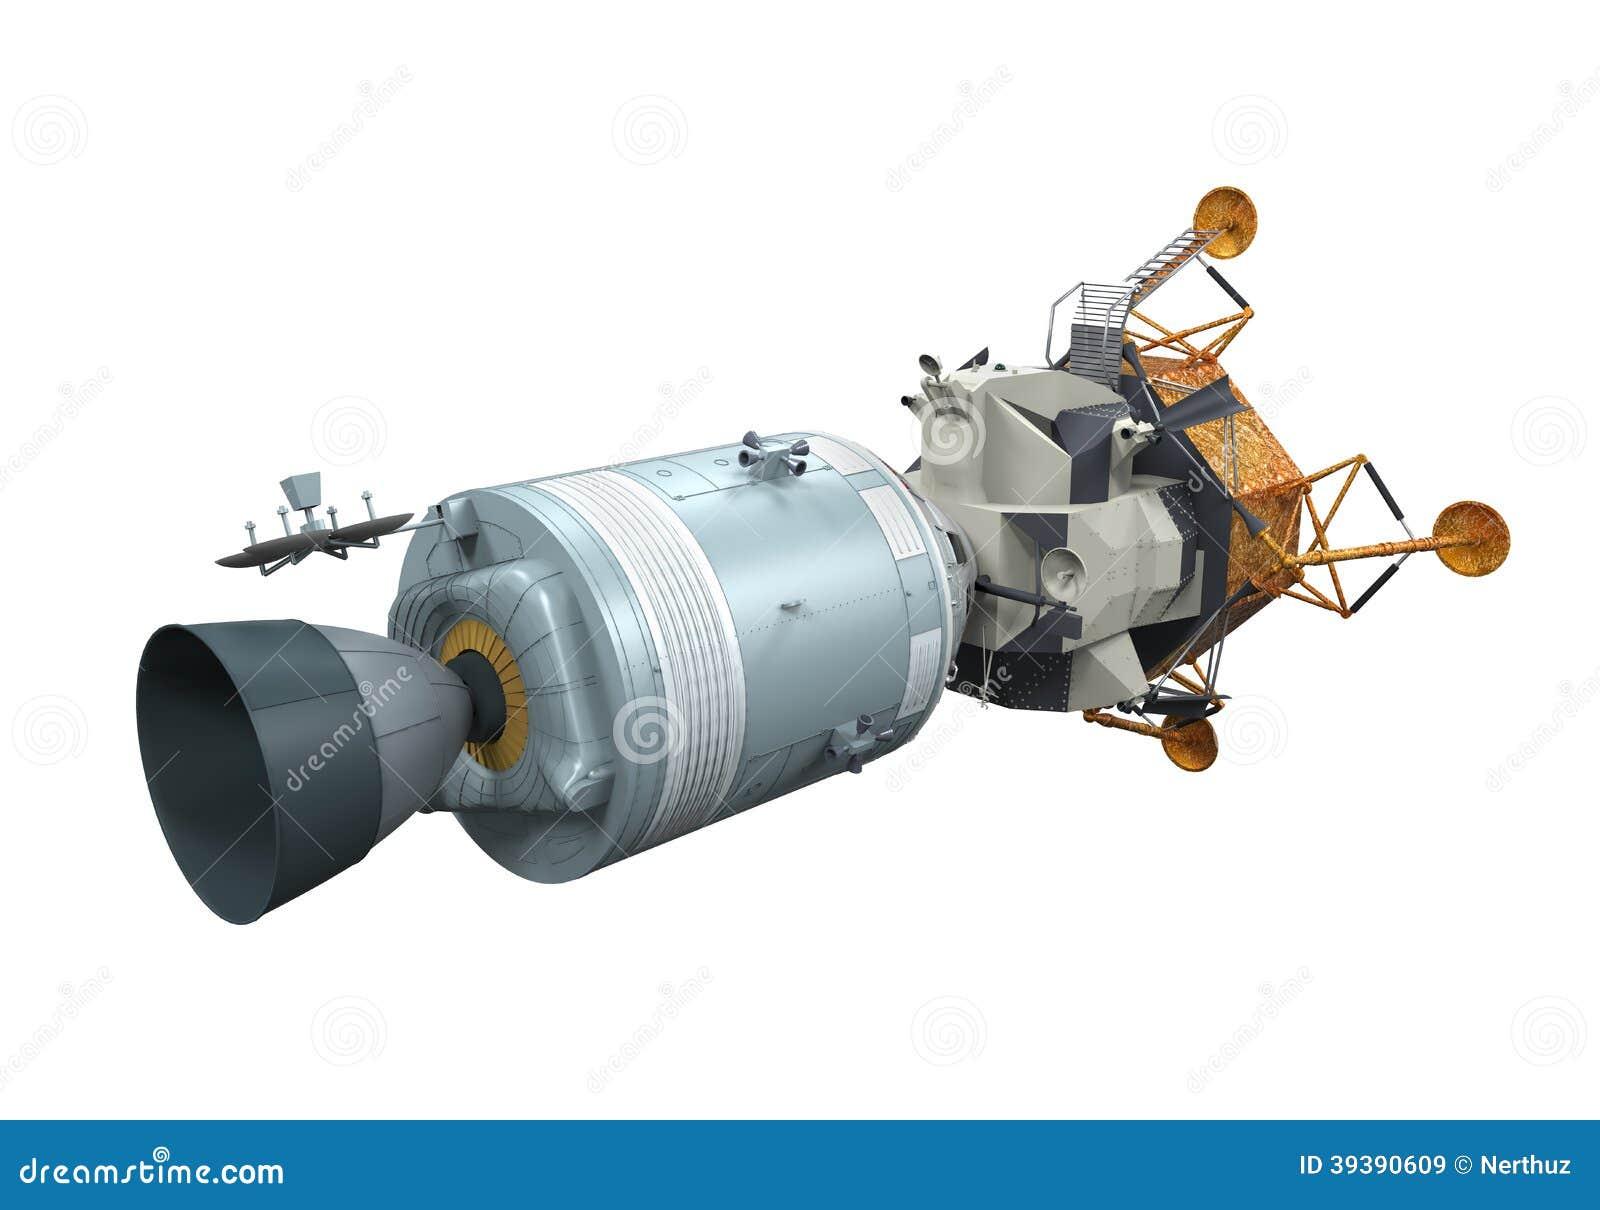 Apollo Module Docking